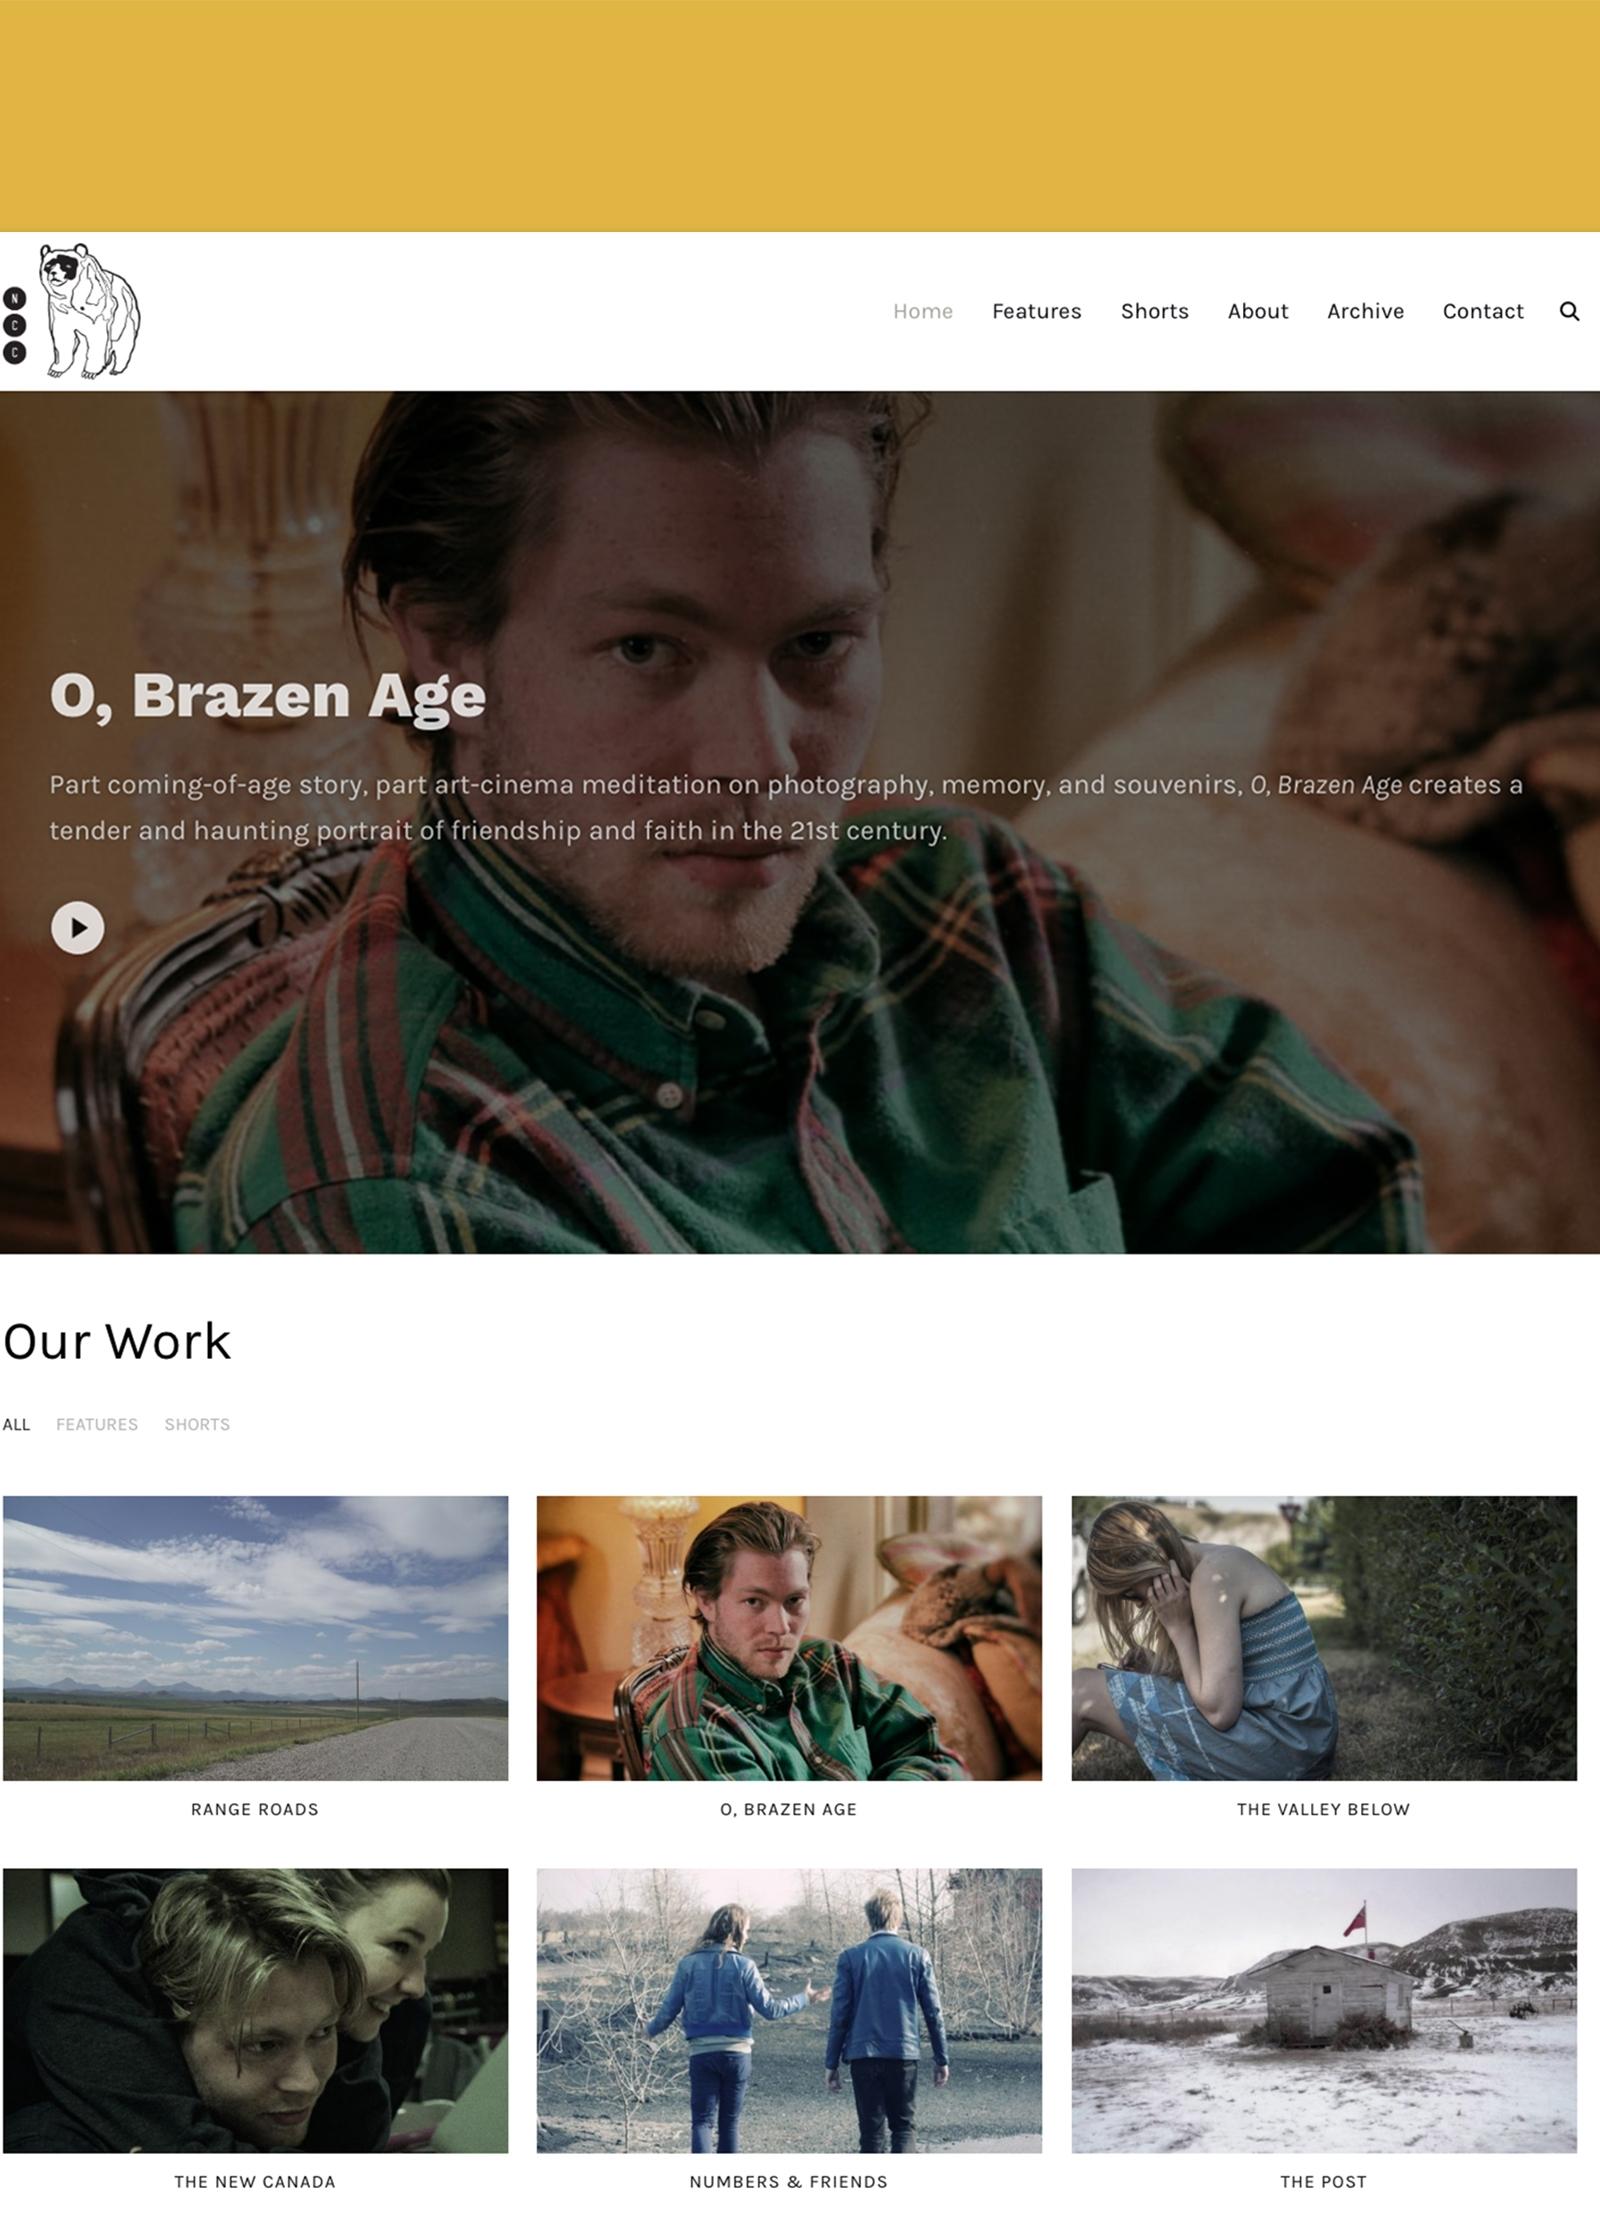 ncc-homepage